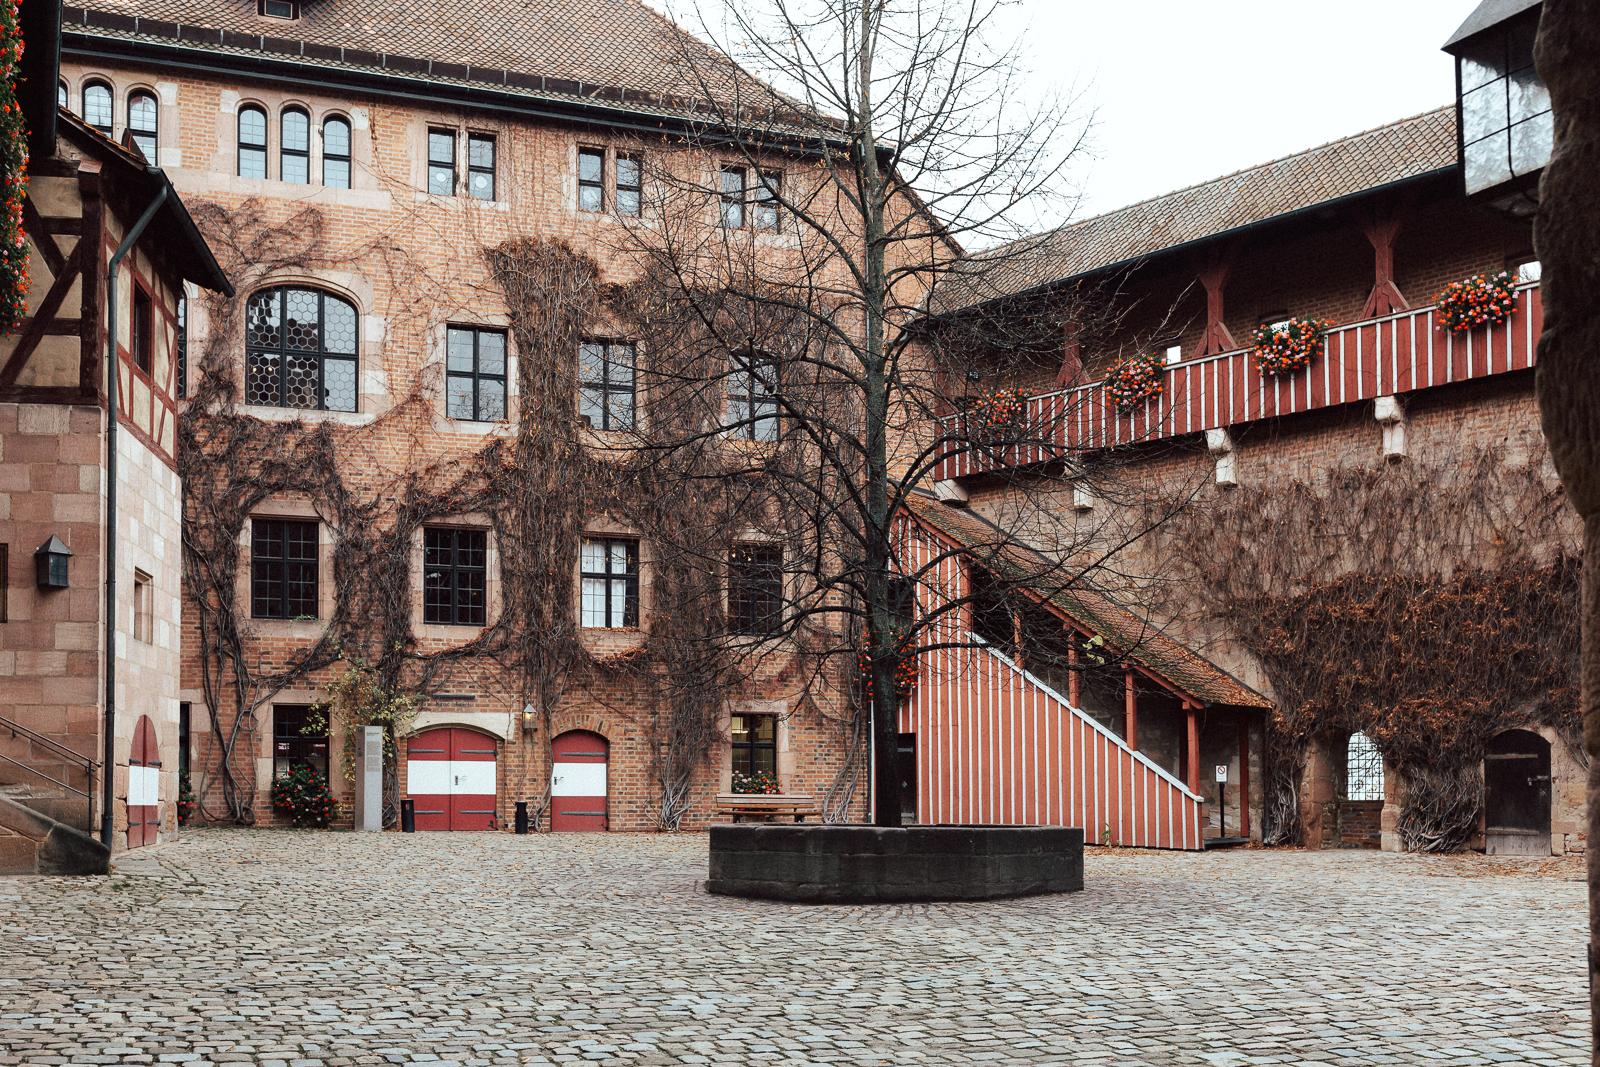 URBANERIE_Daniela_Goth_Fotografin_Nürnberg_Fürth_Erlangen_Schwabach_171110_001_0051